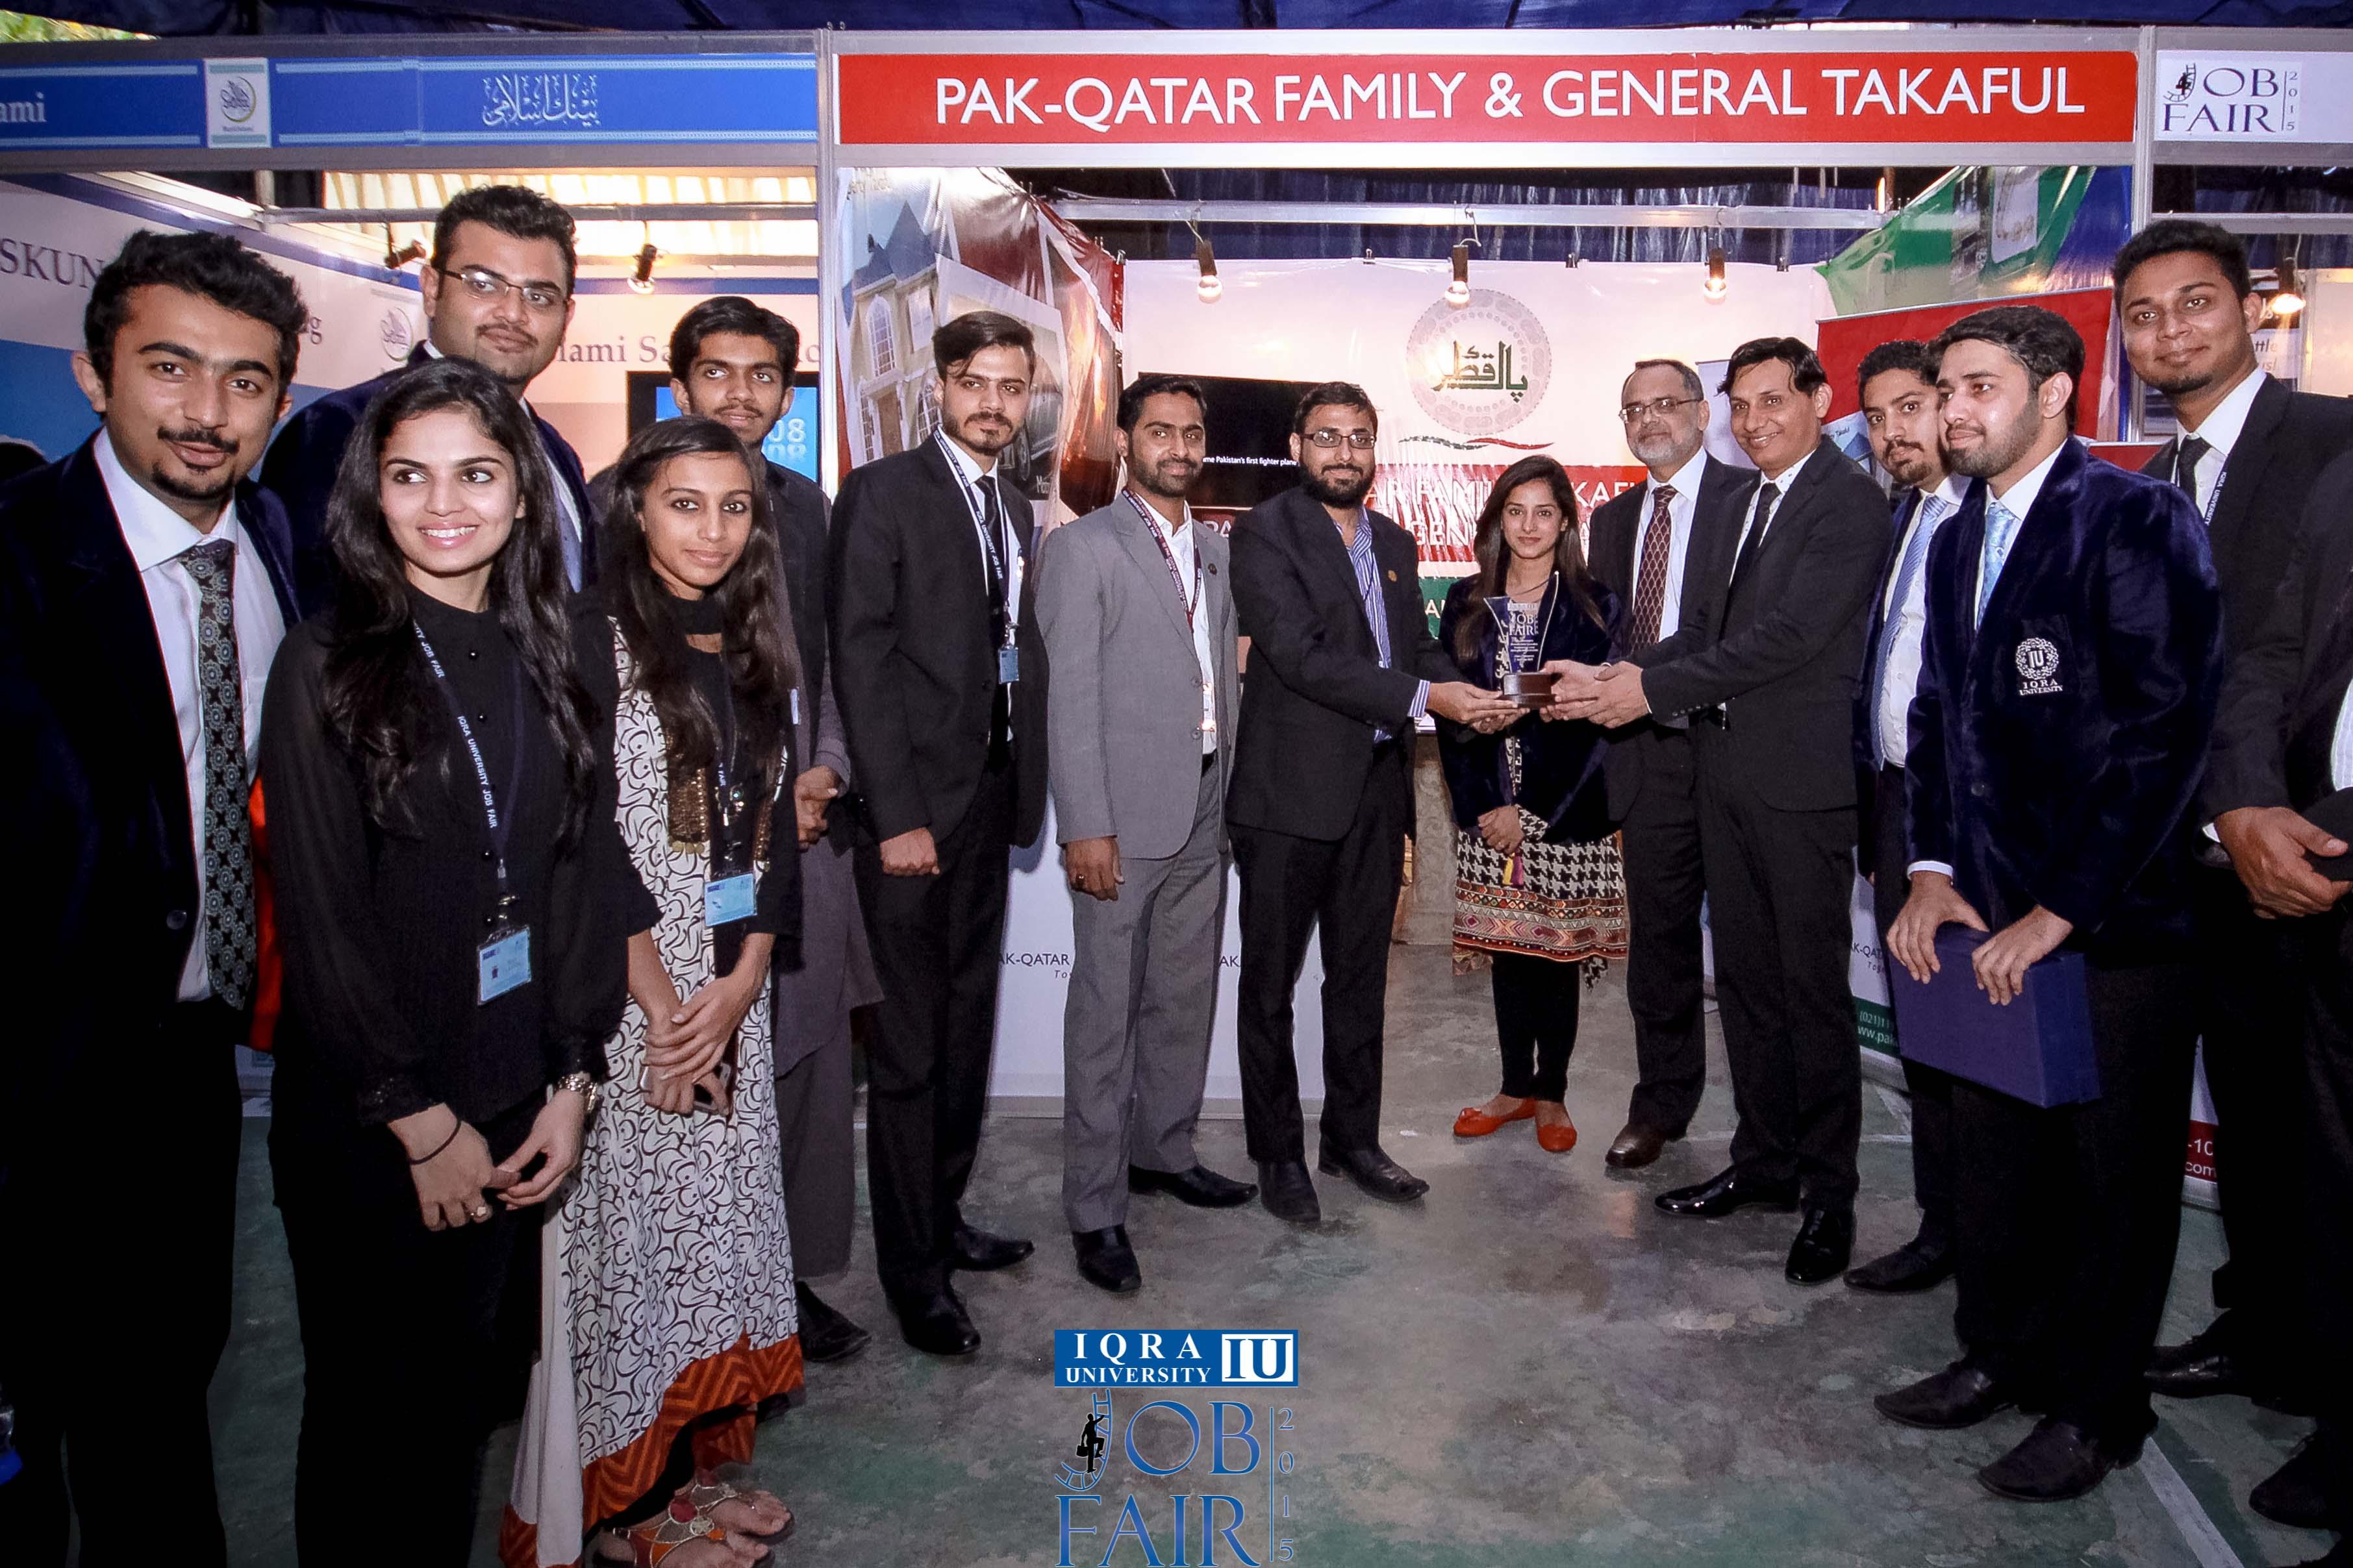 Pak-Qatar Takaful Group Participates in IQRA Annual Job Fair 2015